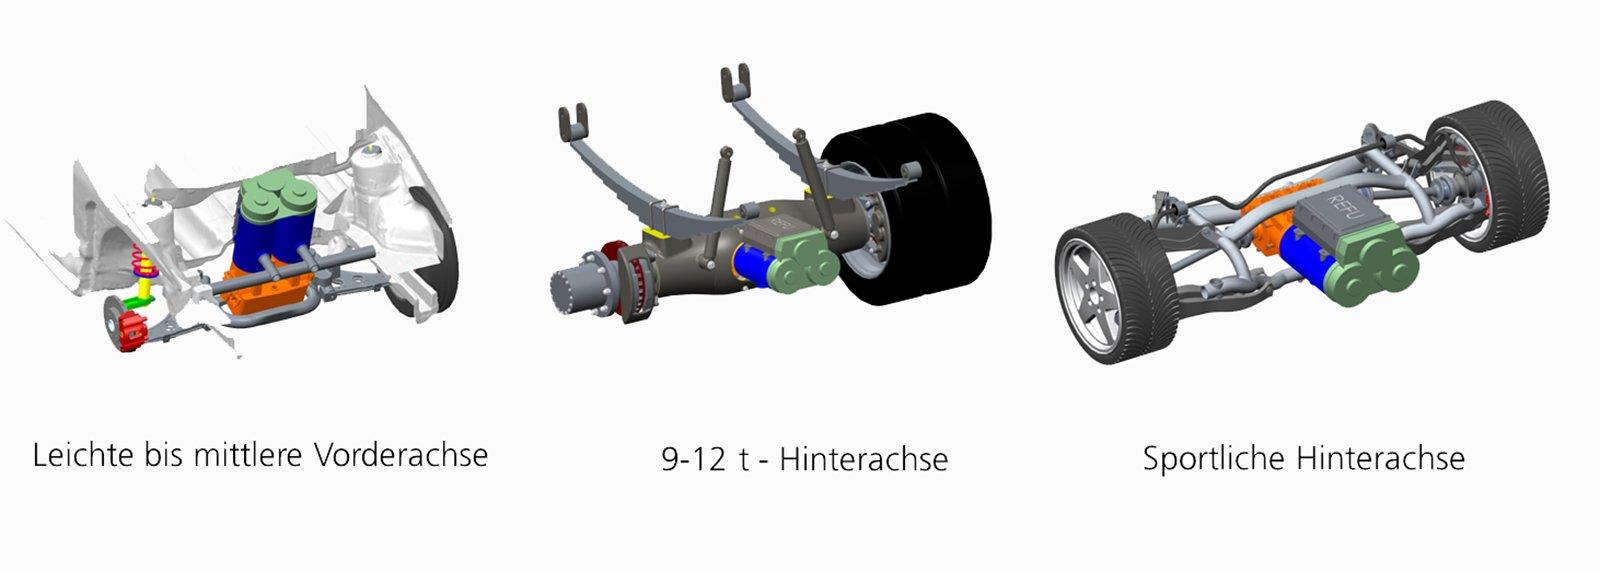 In elektrisch angetriebenen Nutzfahrzeugen der Zukunft ist der Antrieb in die Achse integriert, glauben die Forscher des Fraunhofer-Instituts in Chemnitz. Sie haben einen Antrieb entwickelt, der skalierbar ist je nach Fahrzeuggröße.